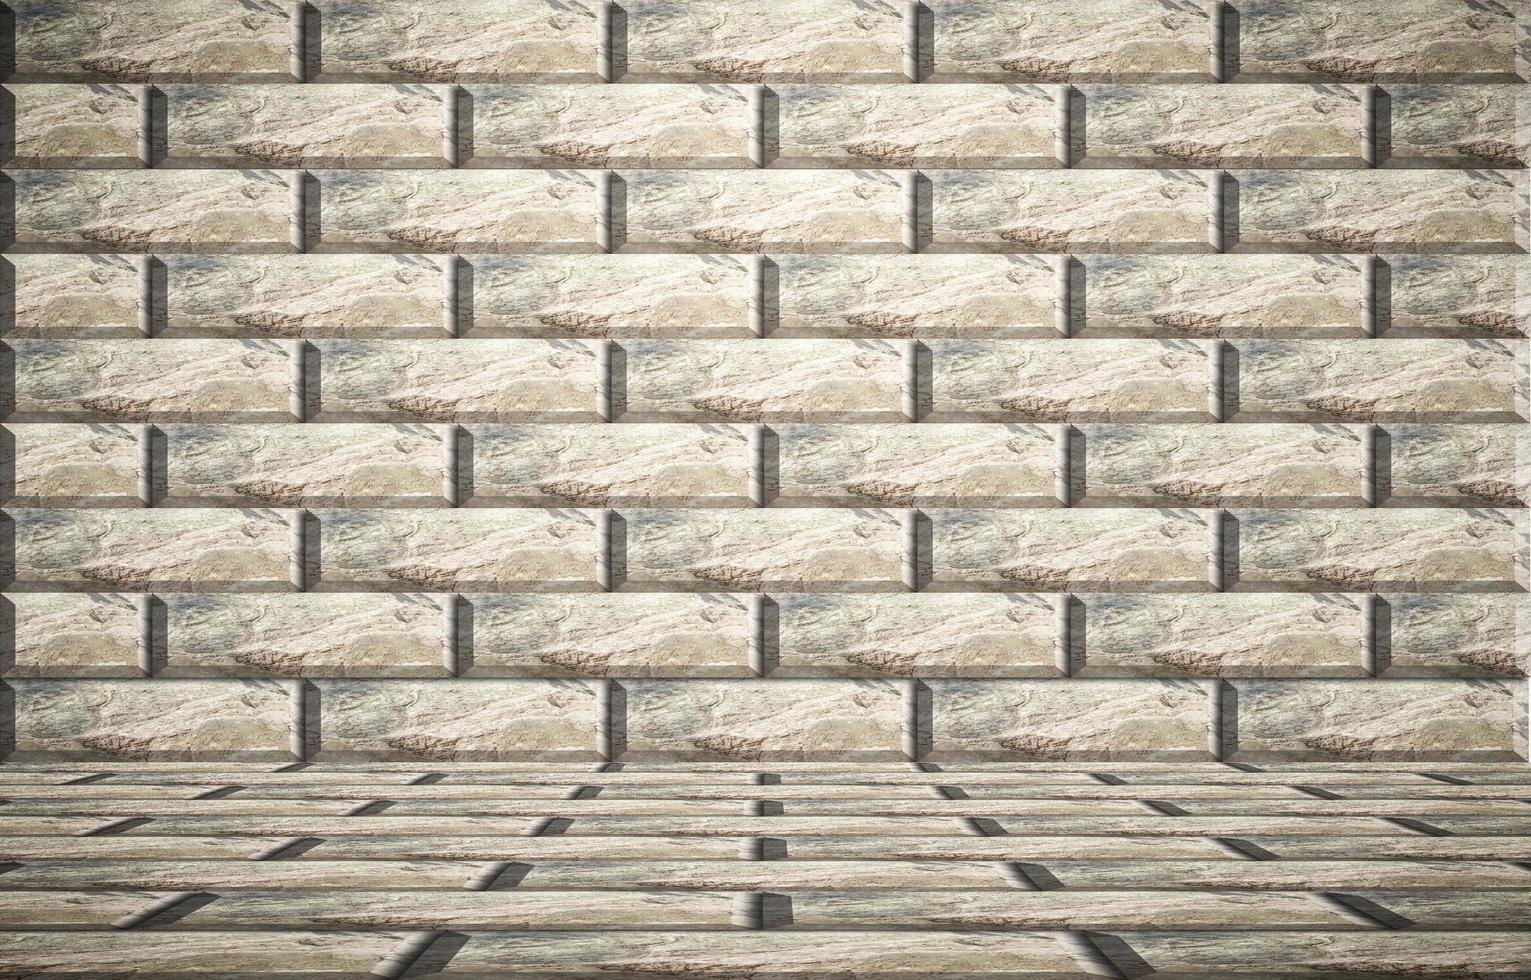 Brick wall background photo